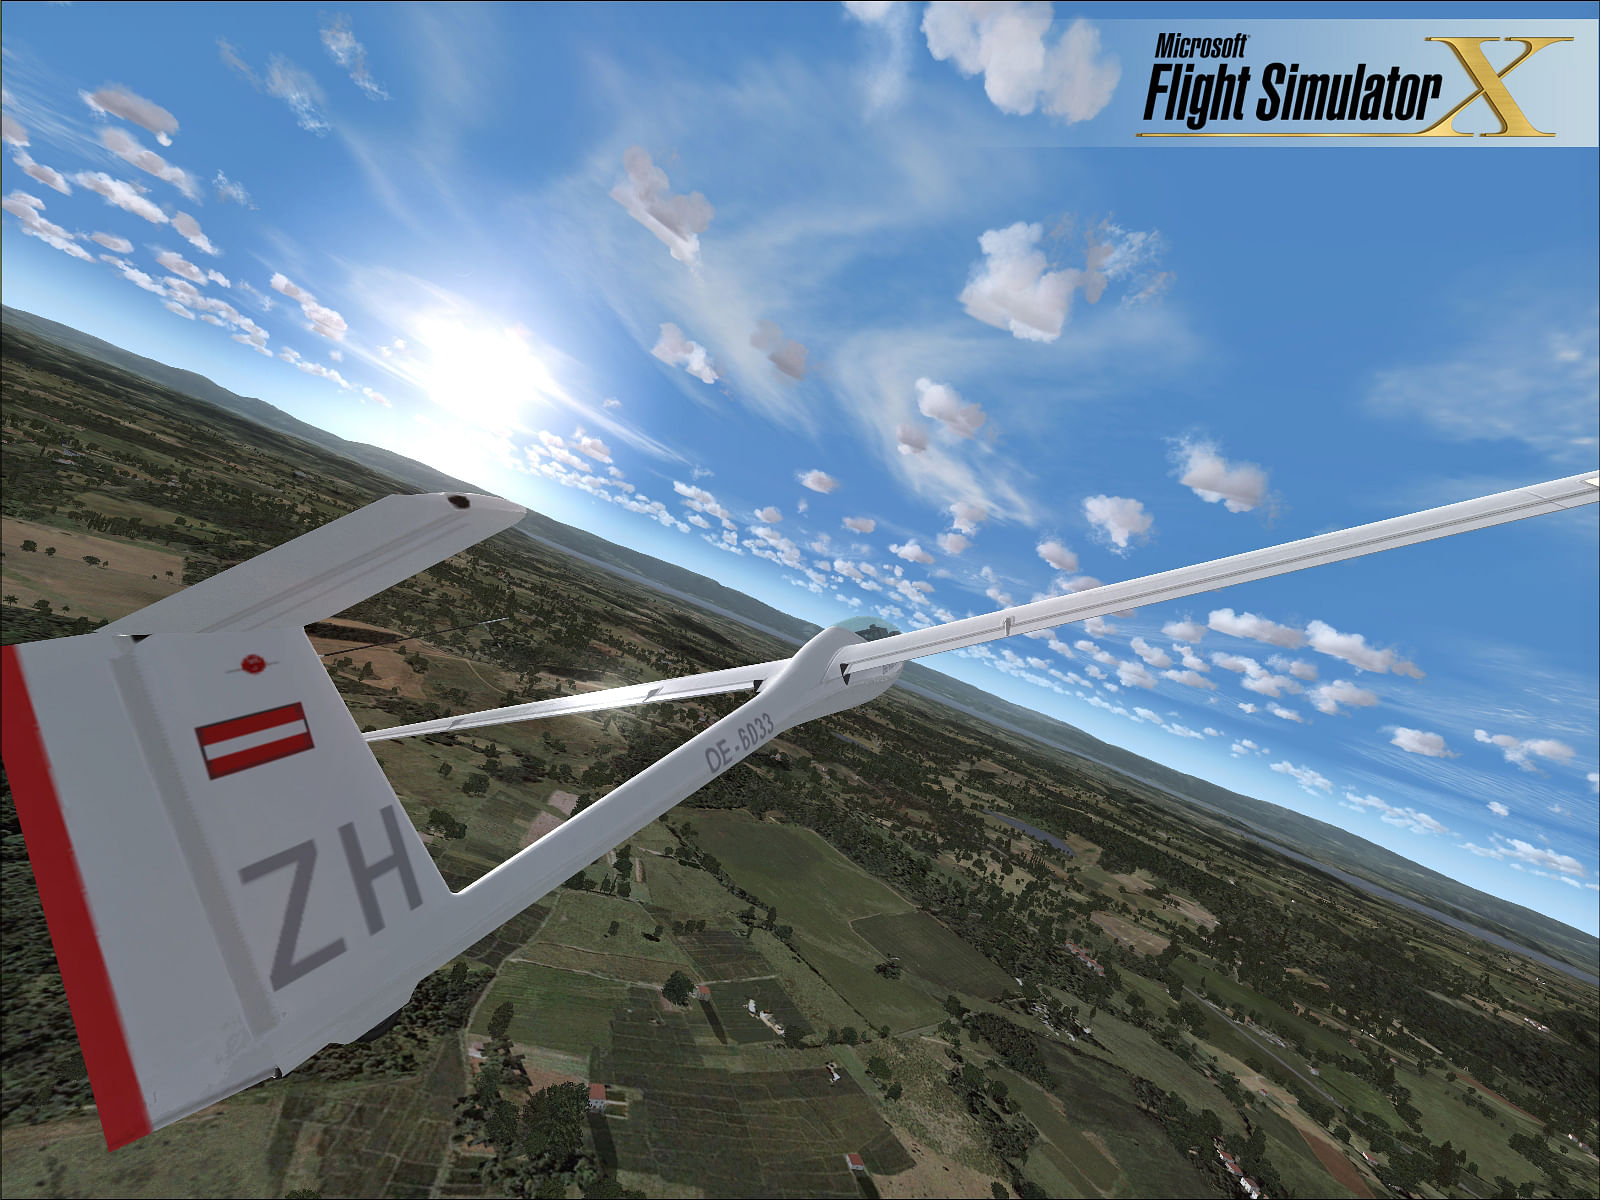 microsoft flight simulator 2012 full